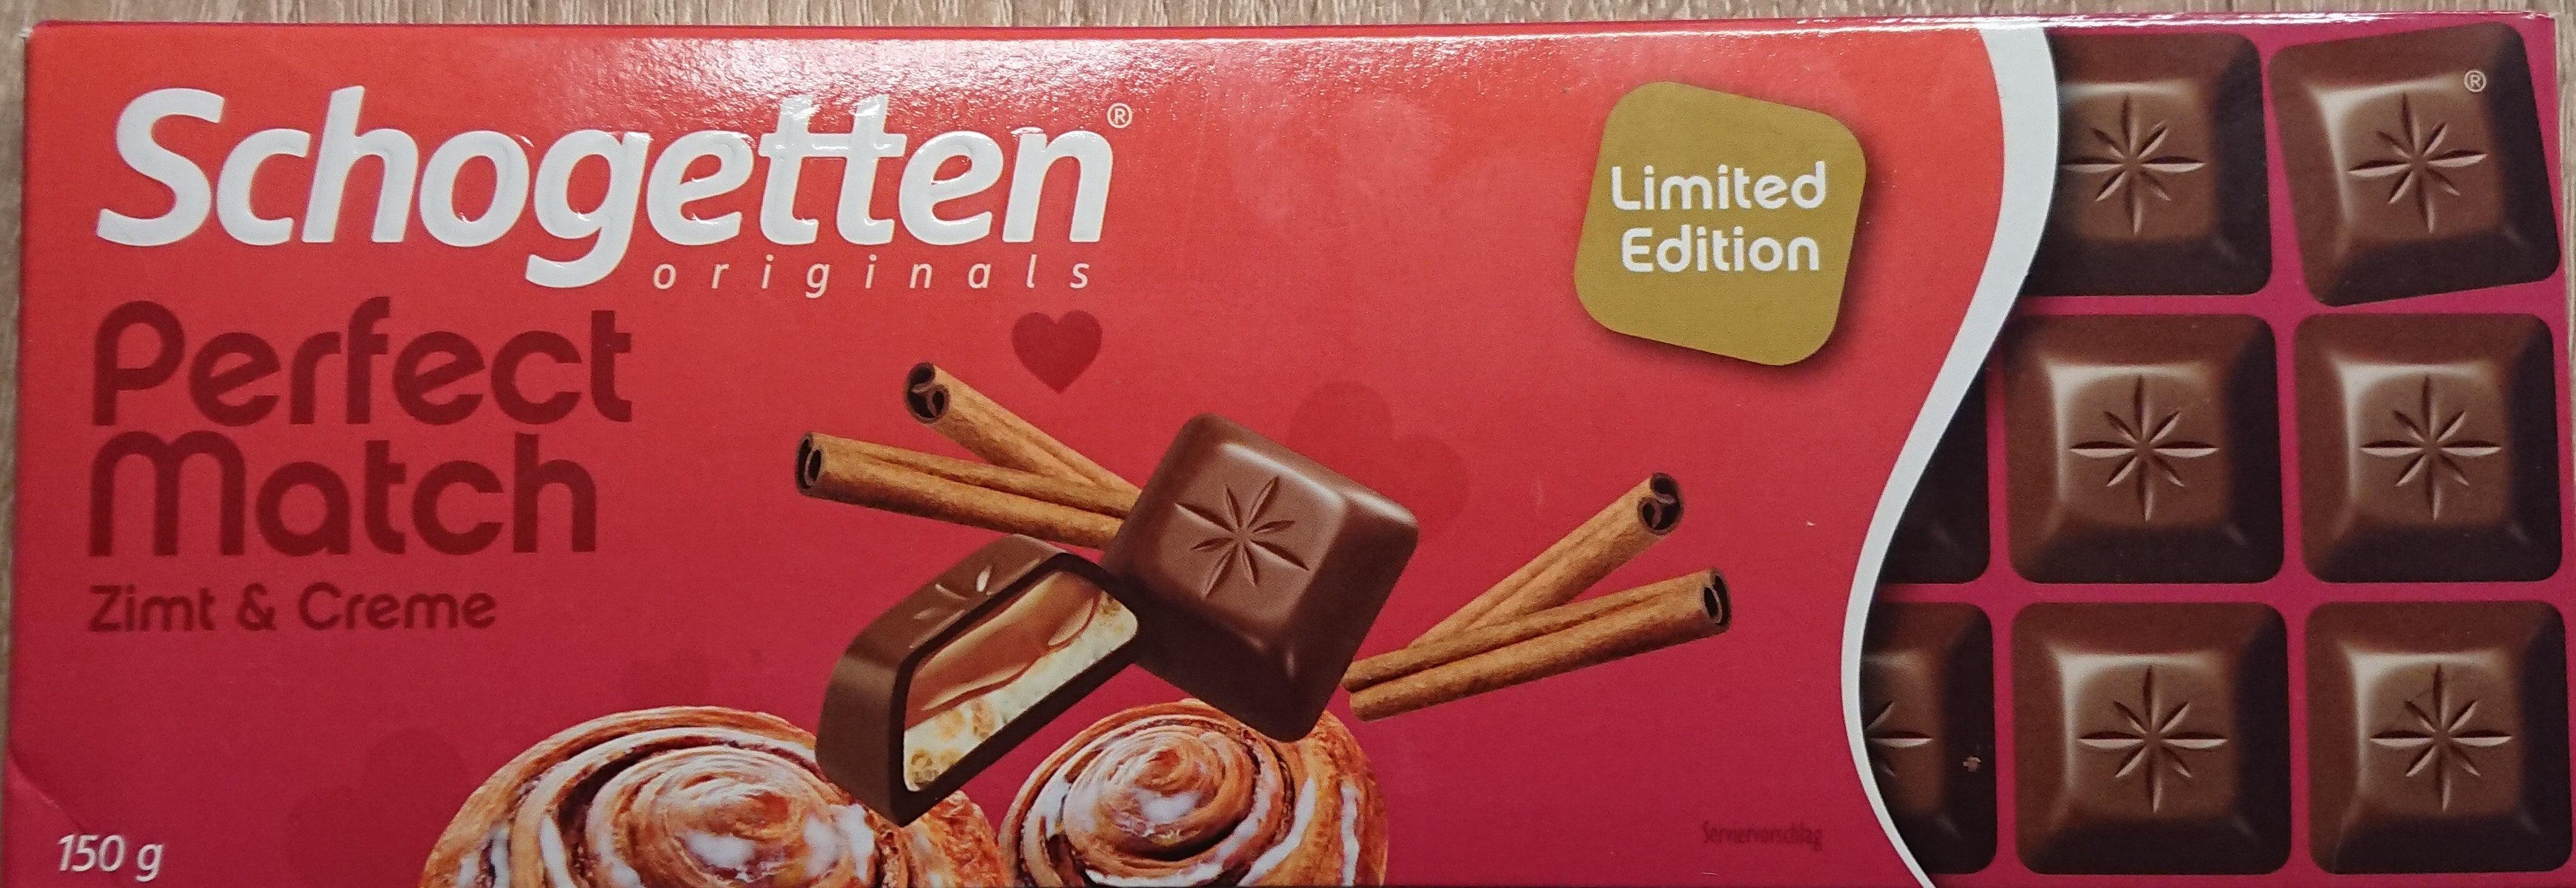 Perfect Match Zimt & Creme - Product - de